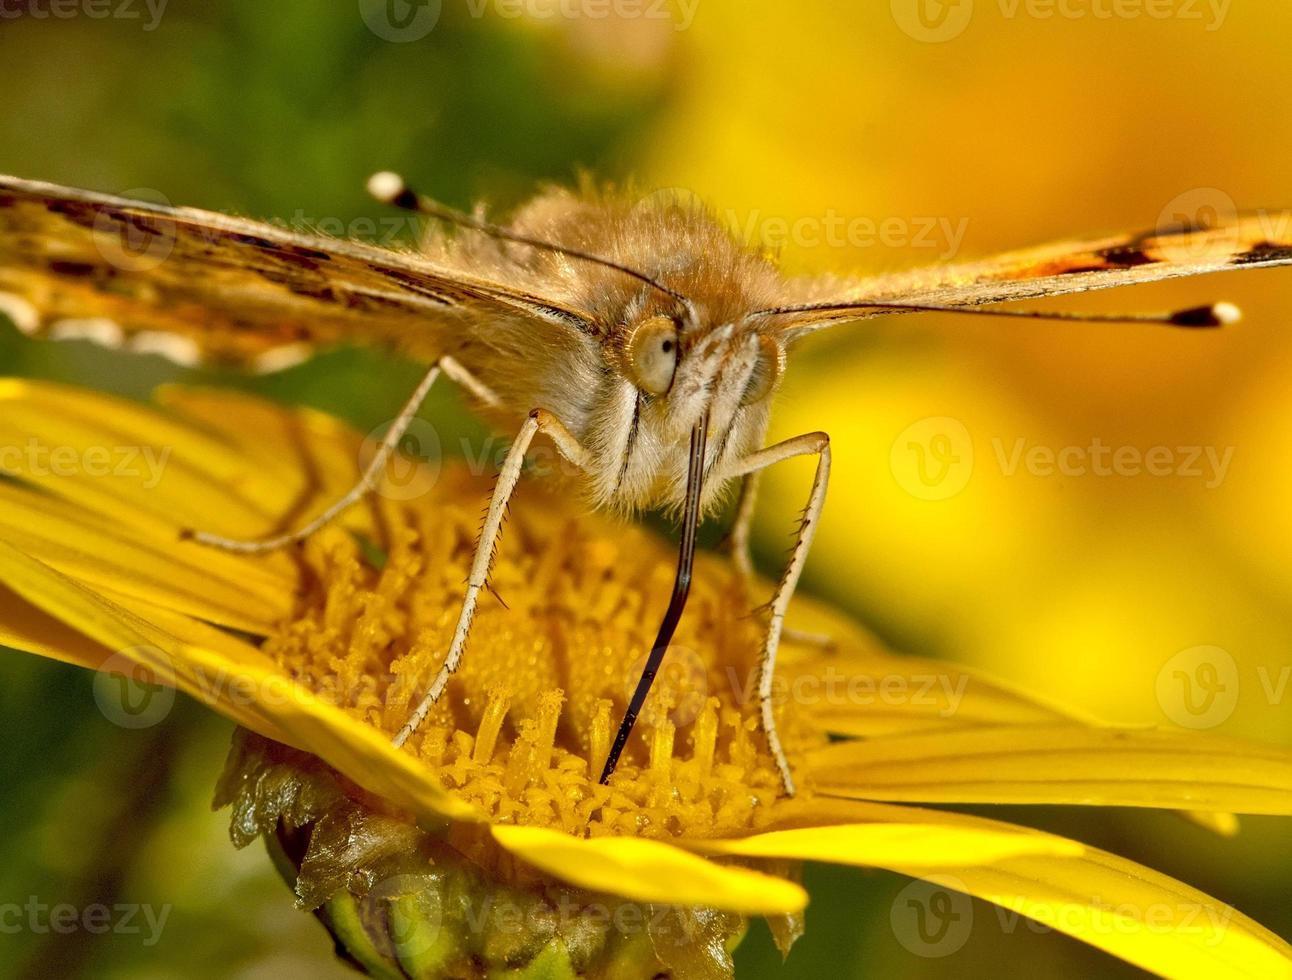 papillon peint dame sucer le nectar d'un flowr photo